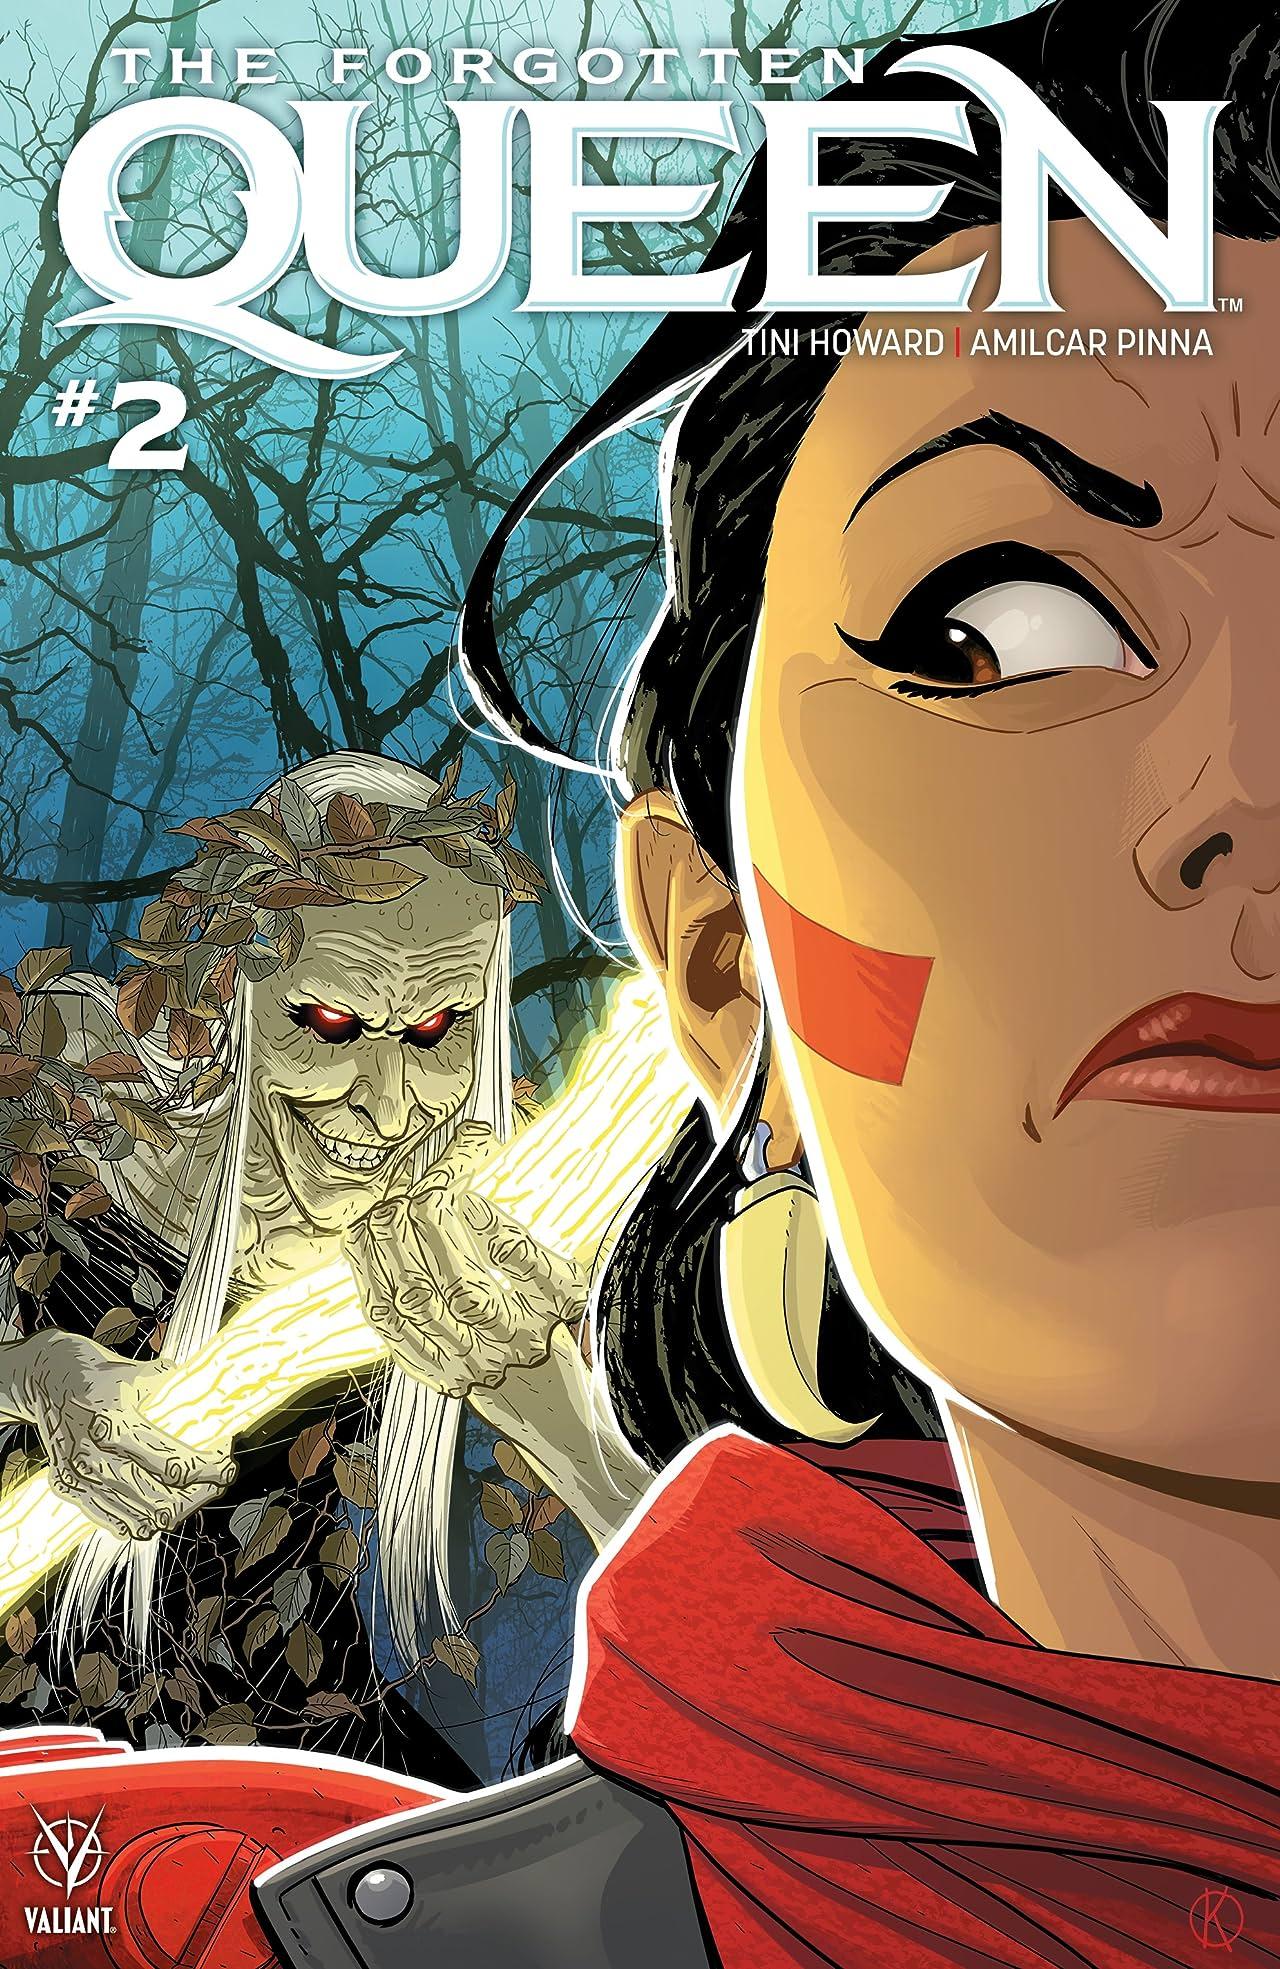 The Forgotten Queen #2 (of 4)